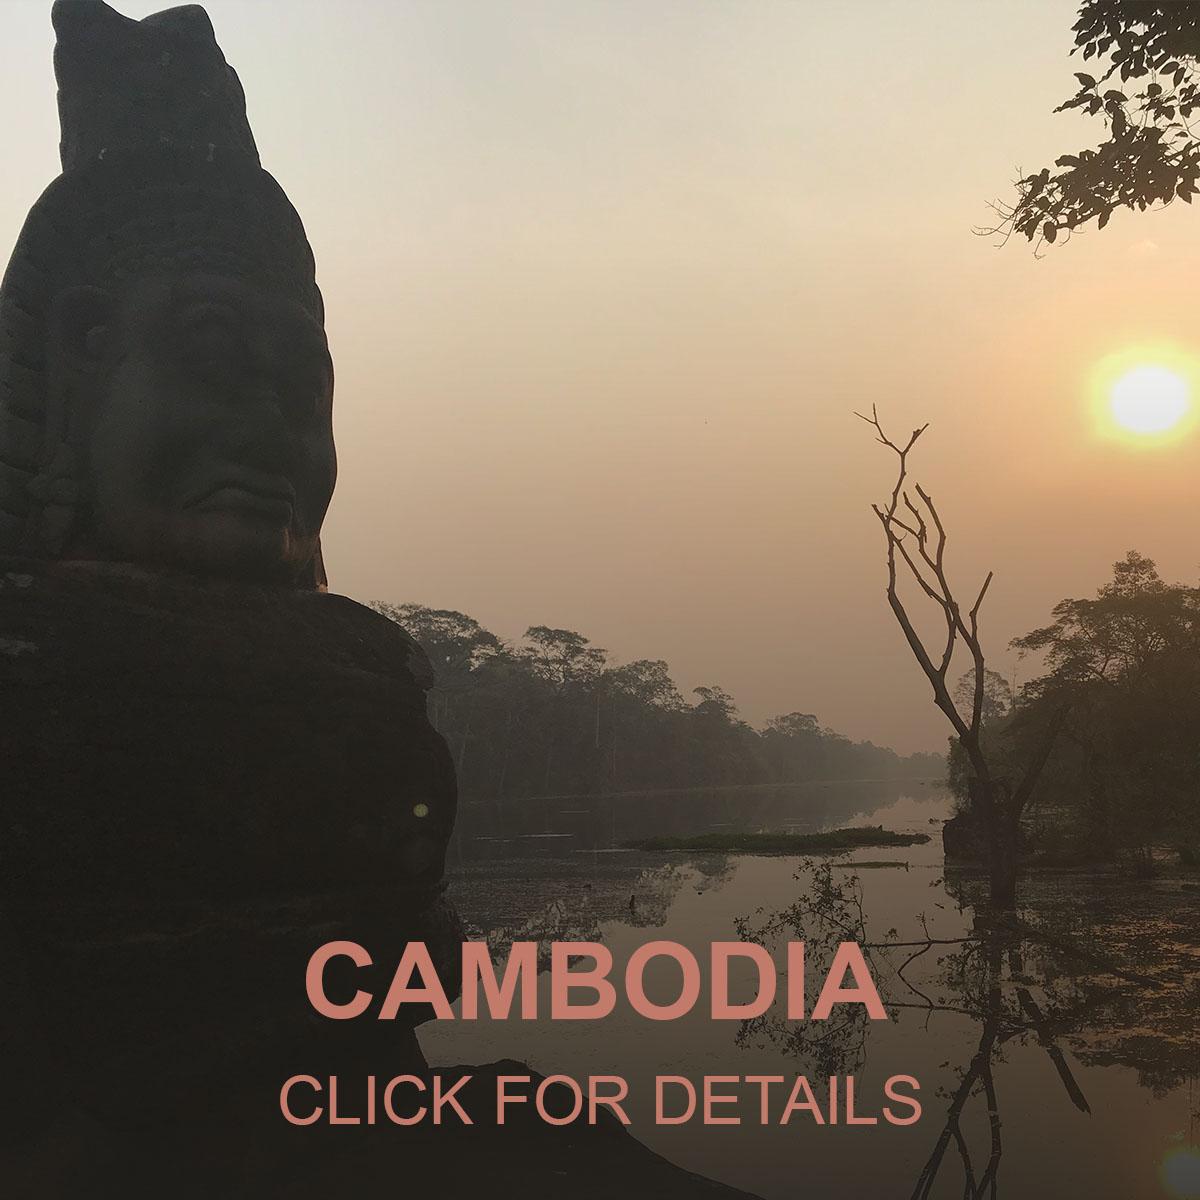 CambodiaTile.jpg